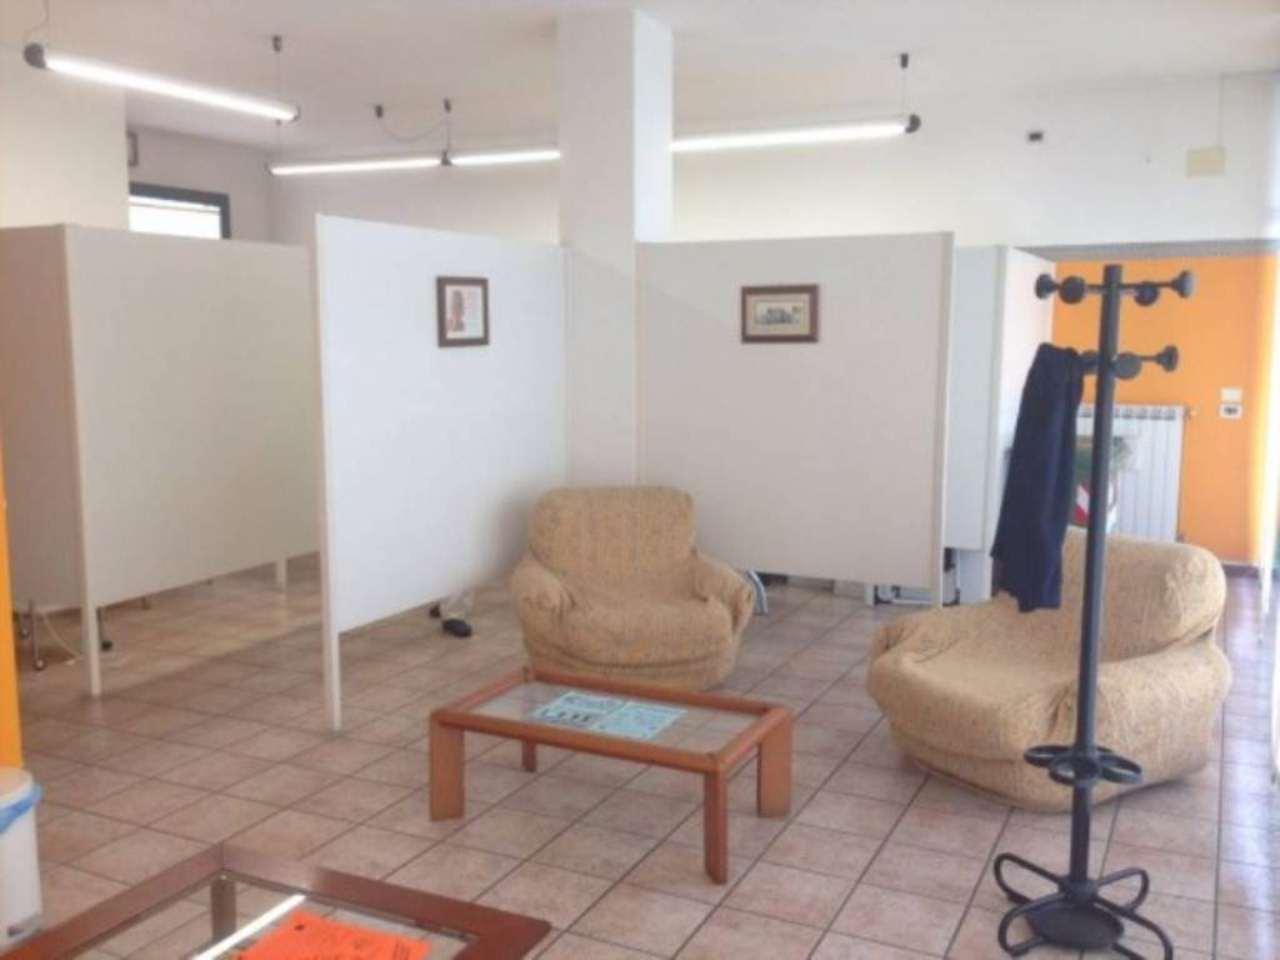 Negozio / Locale in affitto a Castegnato, 1 locali, prezzo € 500 | Cambio Casa.it